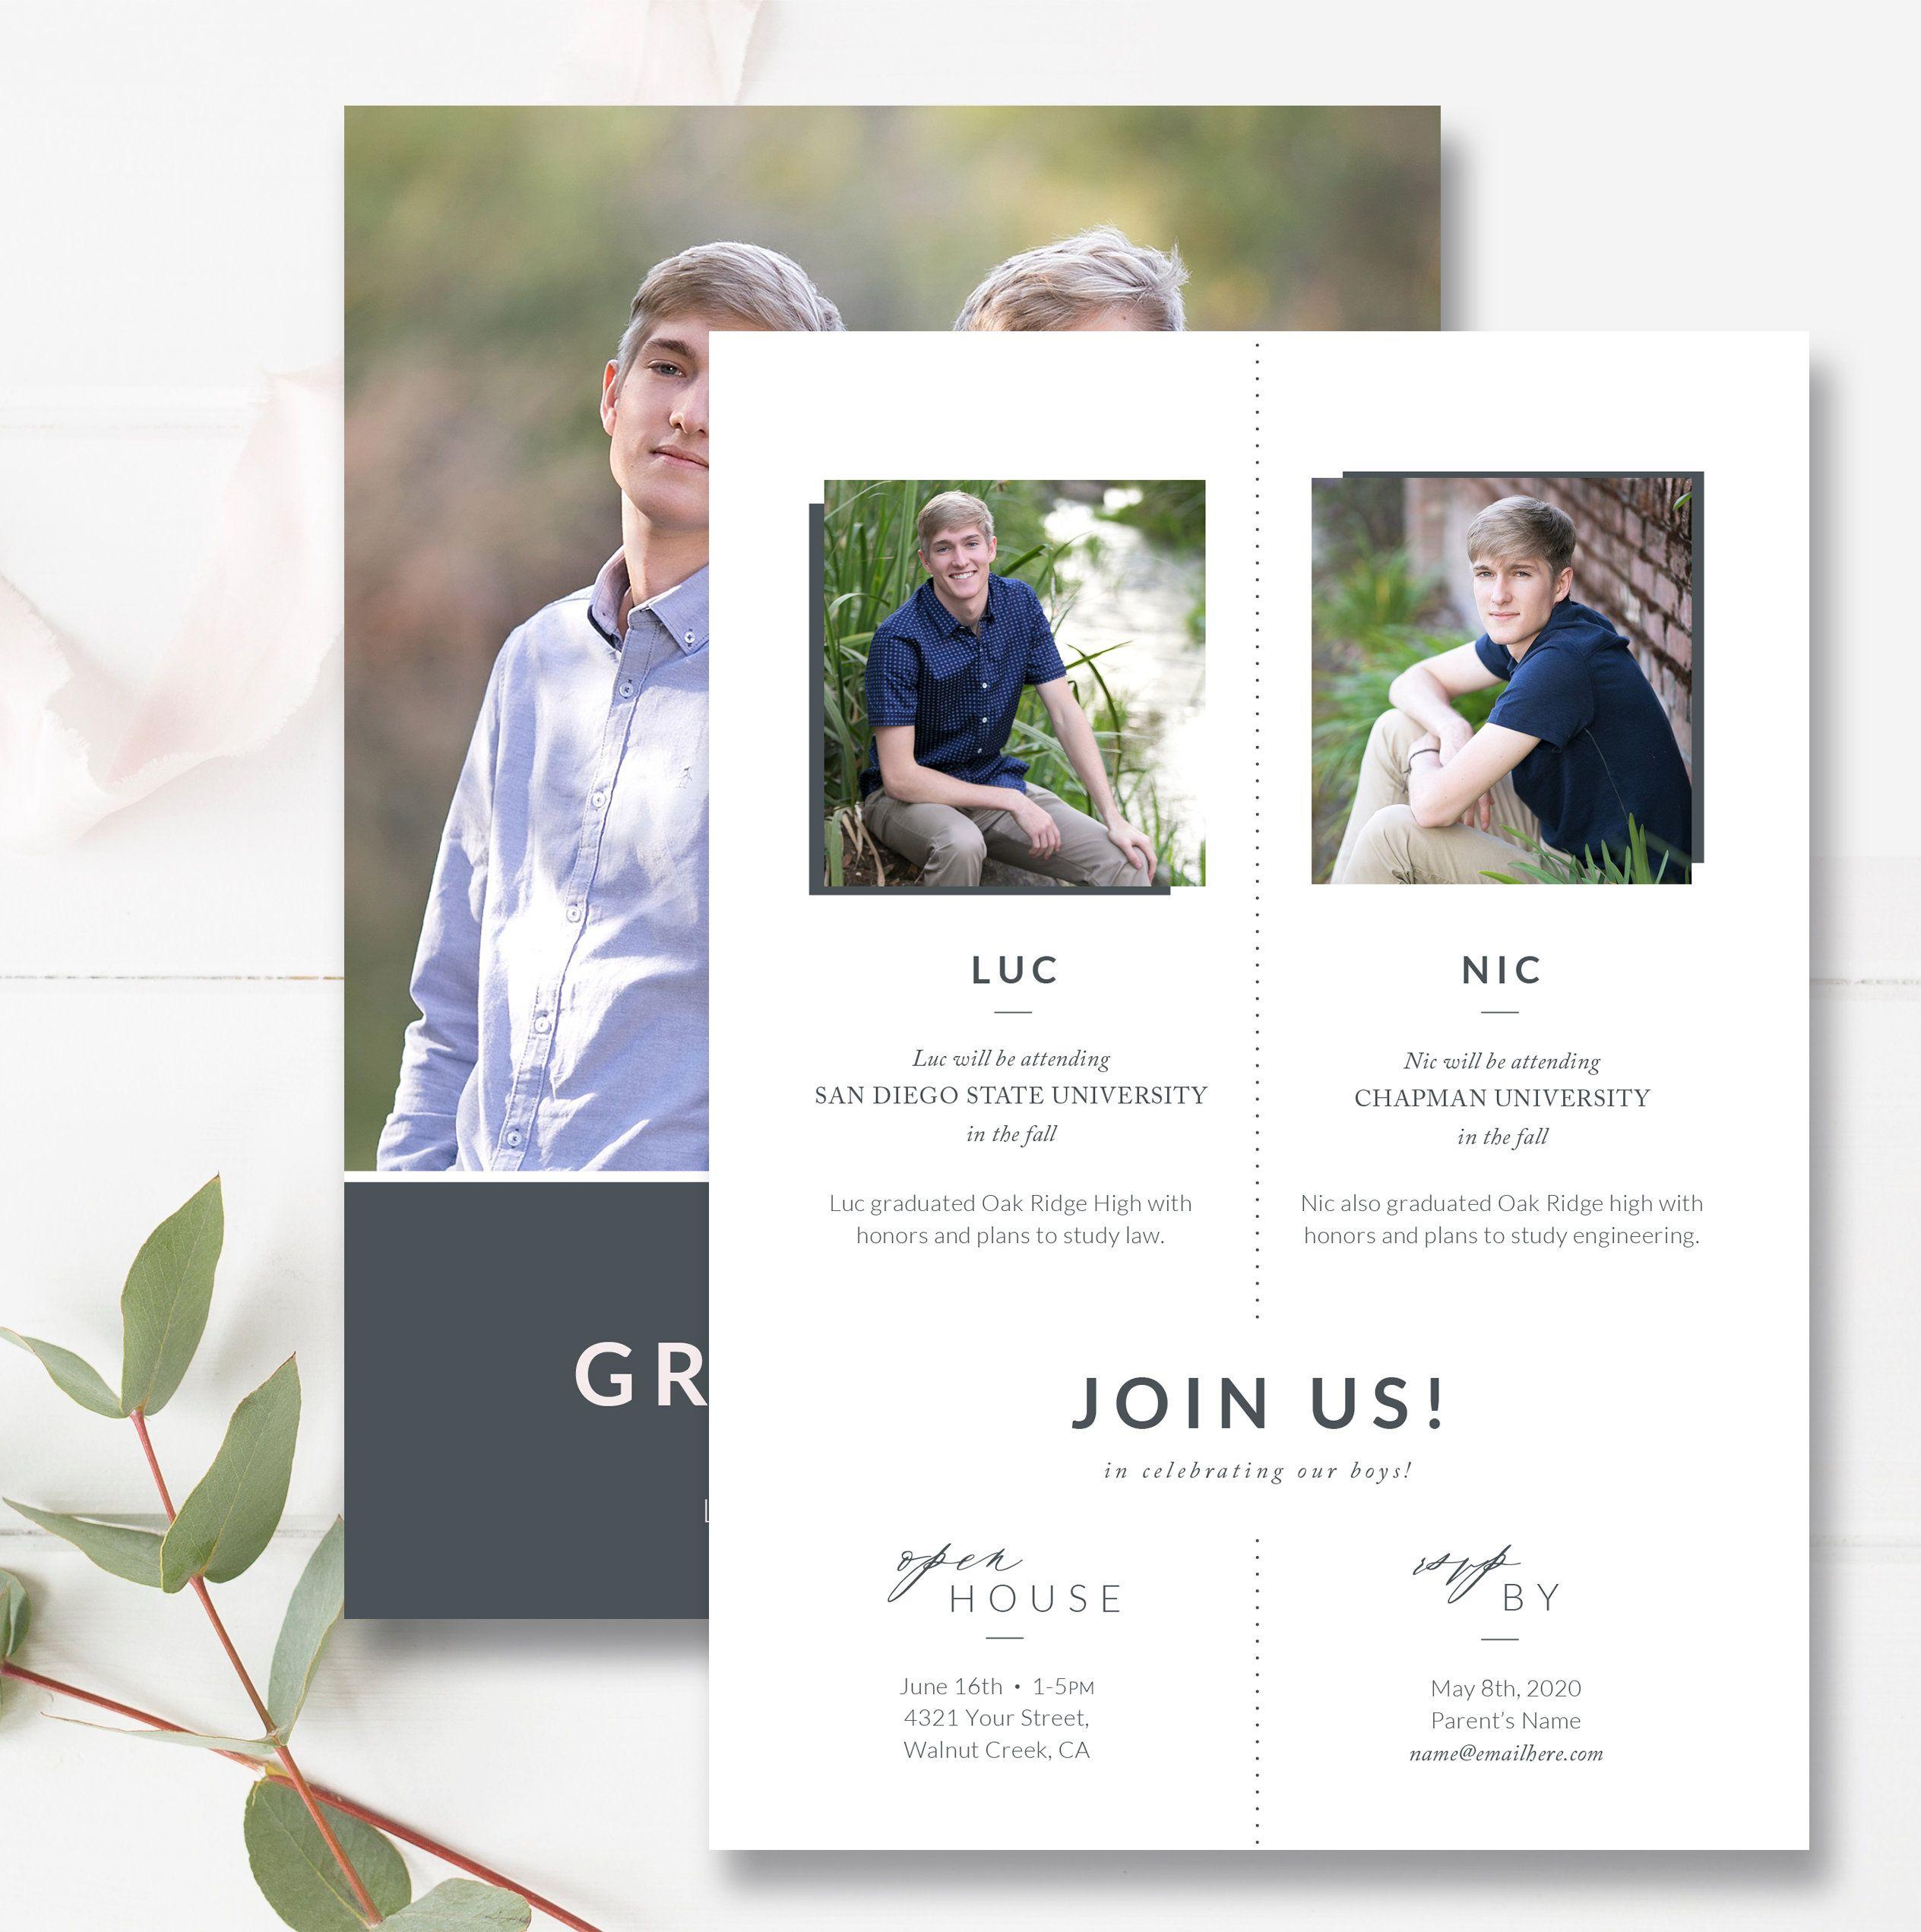 Twin S Graduation Card Template Senior Graduation Announcement Card Graduation Card Templates Photoshop Template Design Template Design